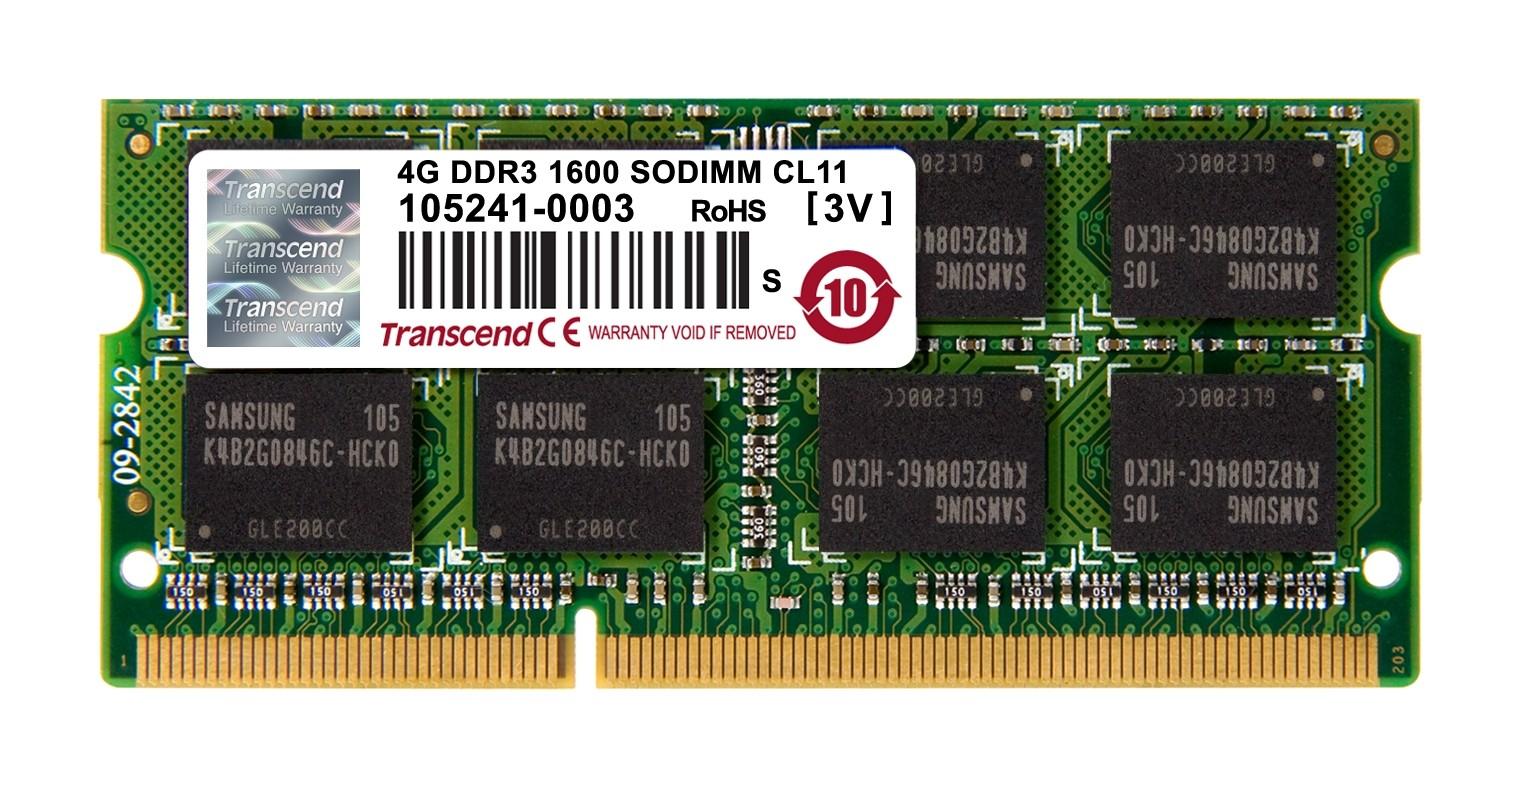 DDR3 SODIMM 4GB 1600MHz (TS512MSK64V6N)